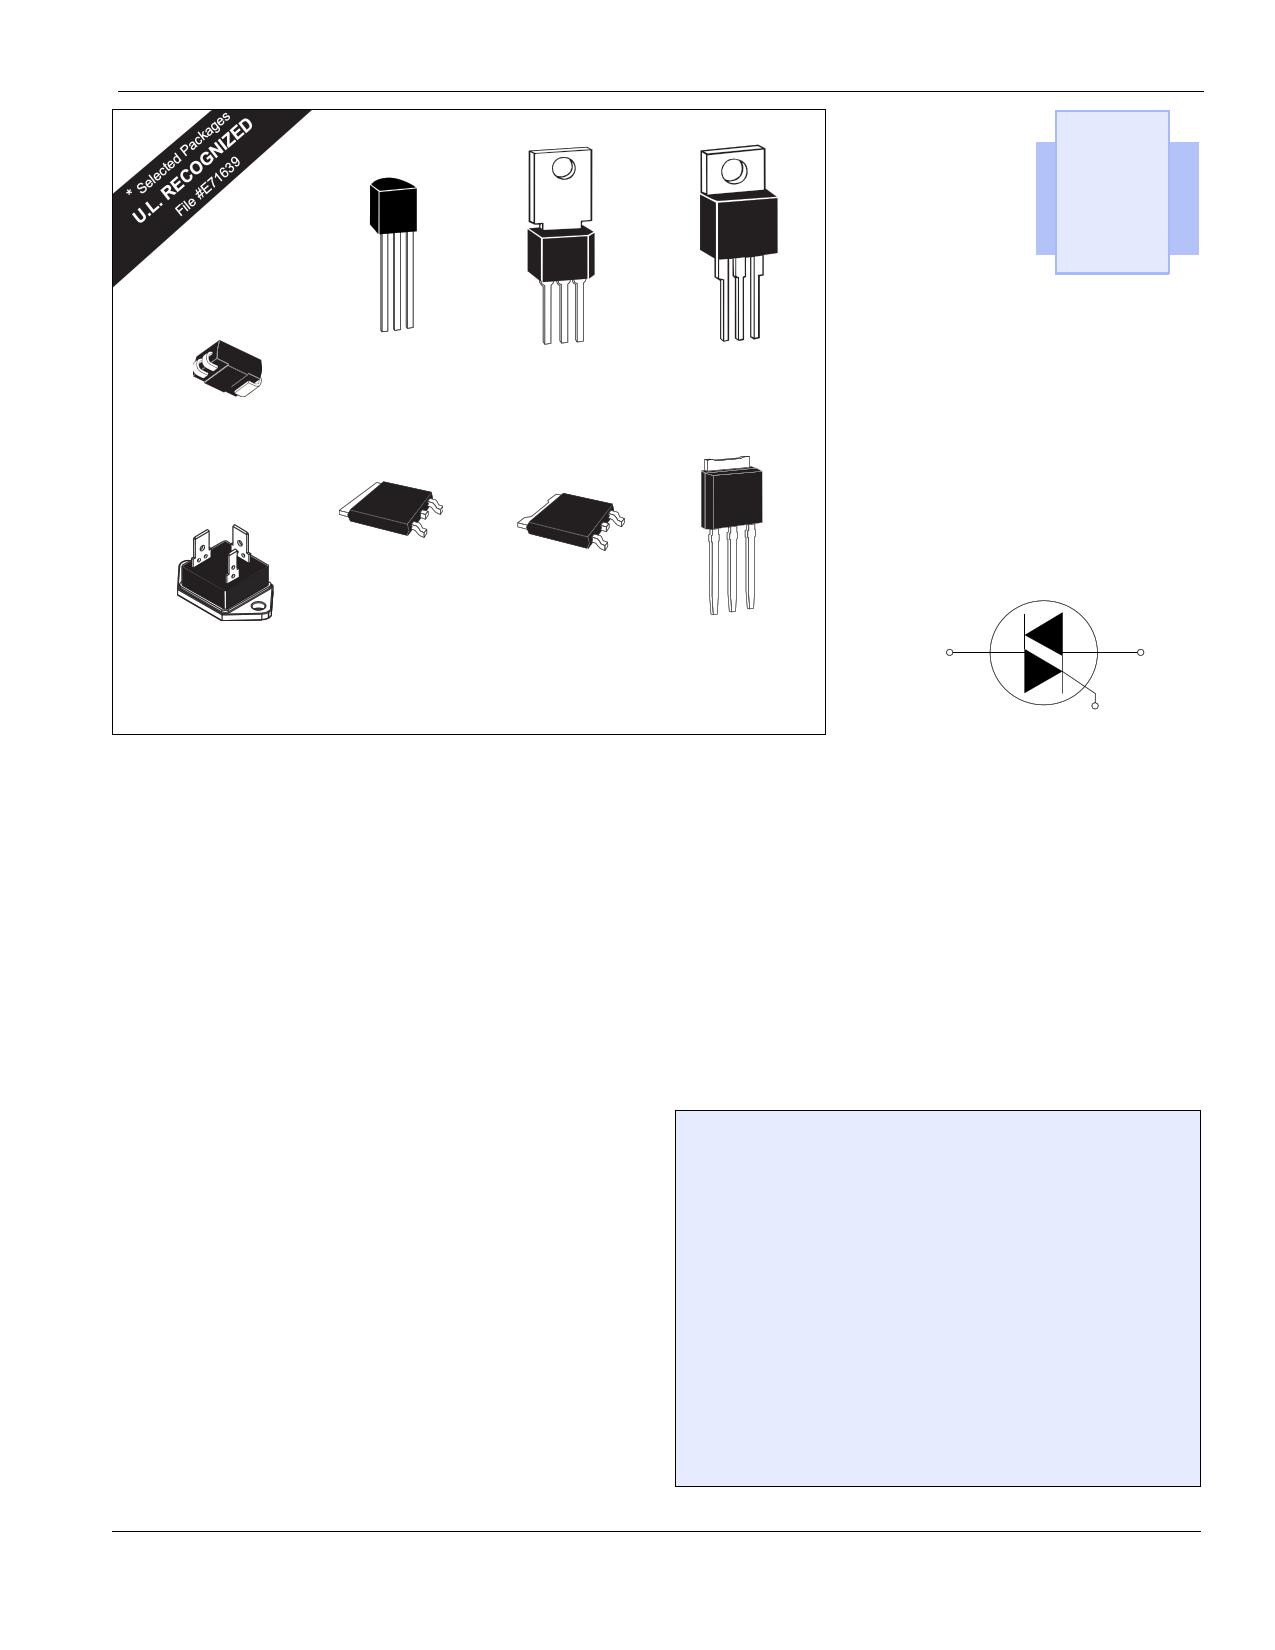 Q2006F41 datasheet